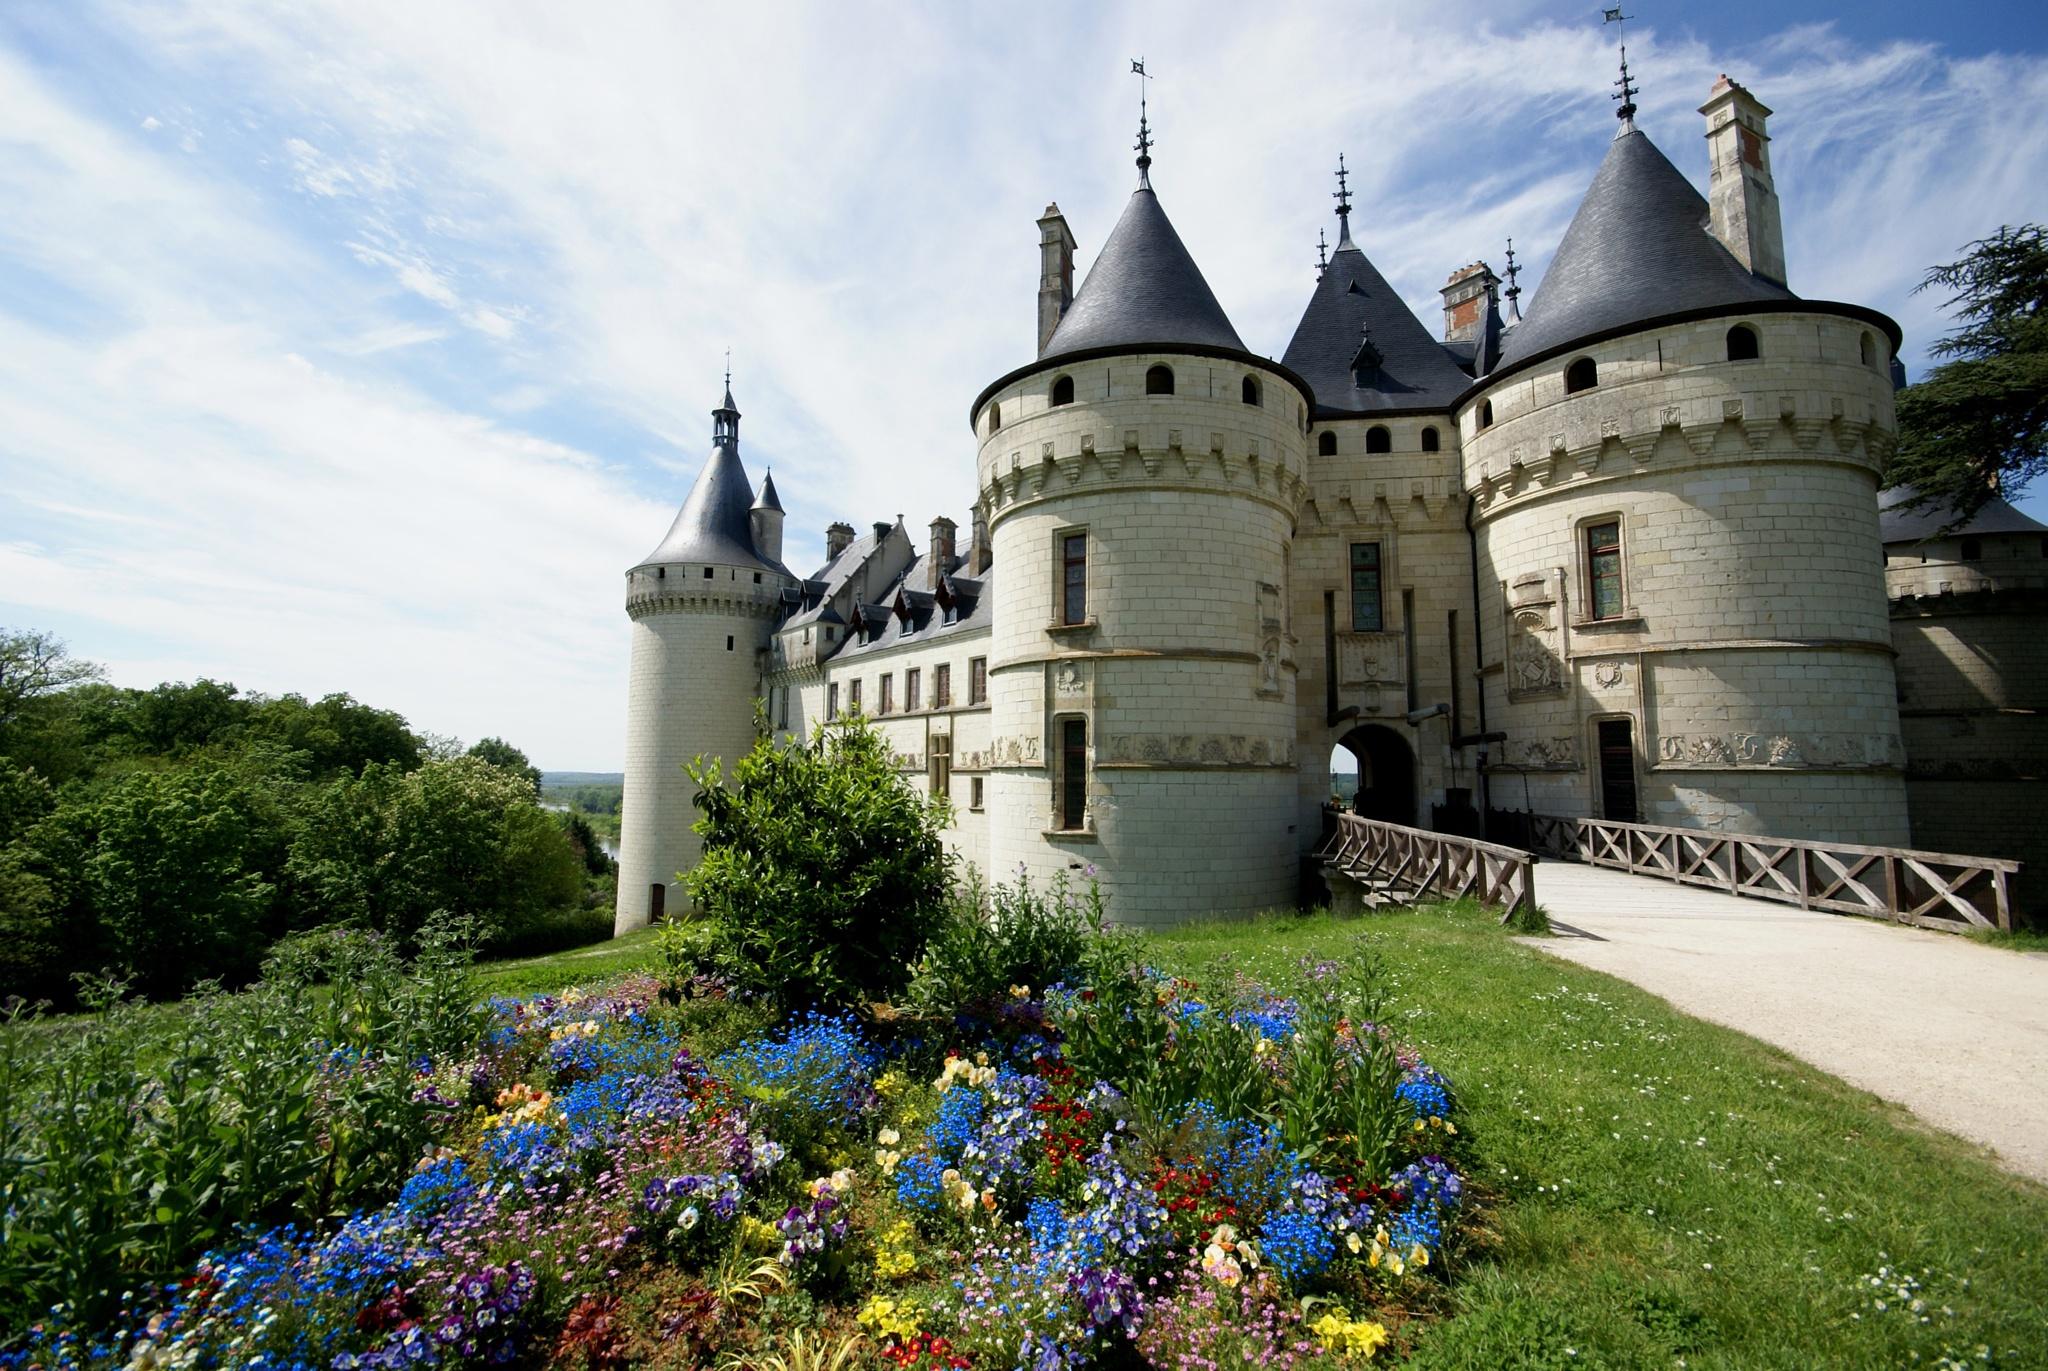 The Château de Chaumont  by Marko Erman